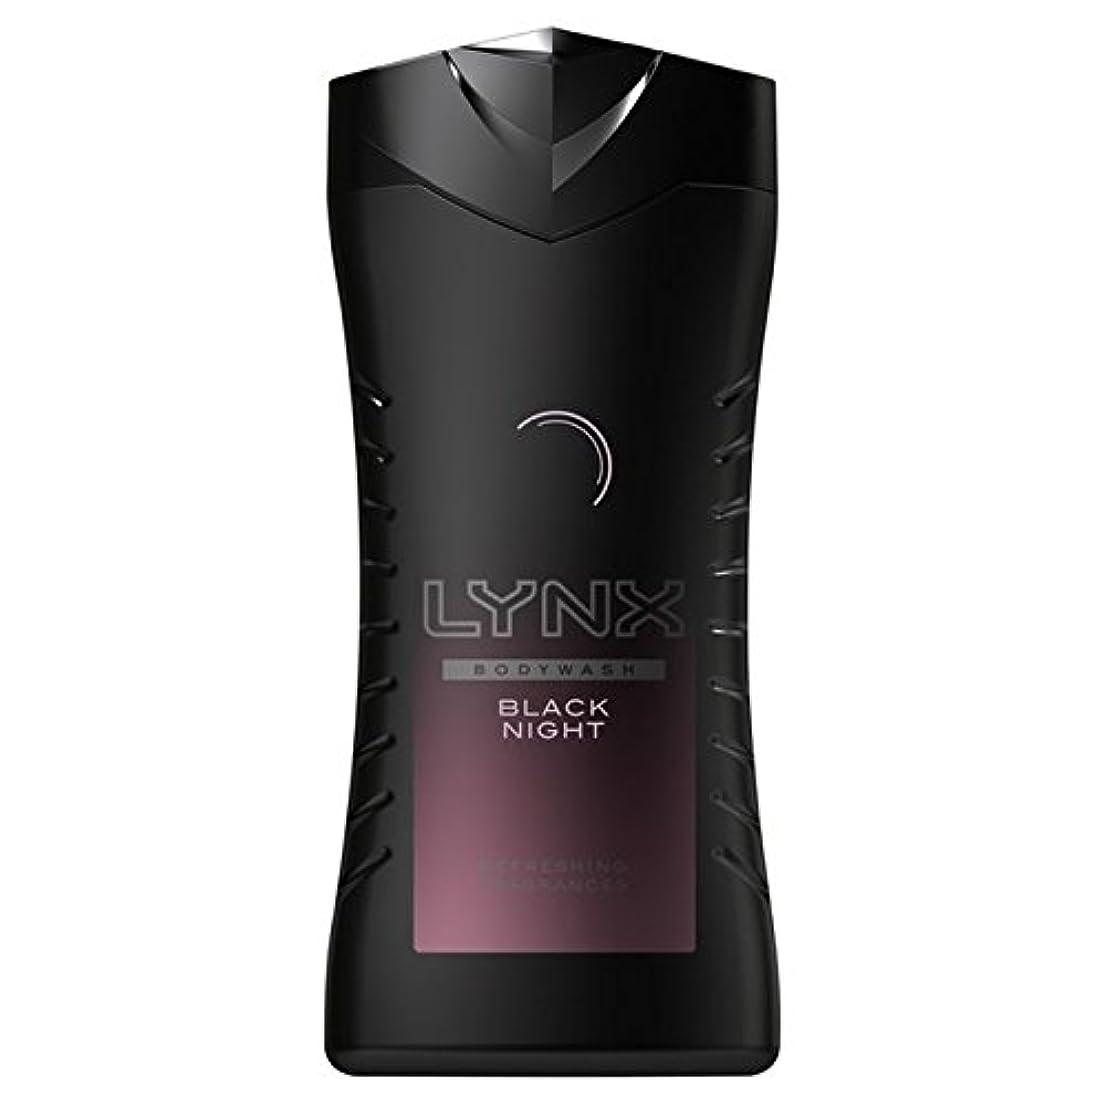 コーナー軽蔑バイオレットLynx Black Night Shower Gel 250ml - オオヤマネコ黒夜シャワージェル250ミリリットル [並行輸入品]